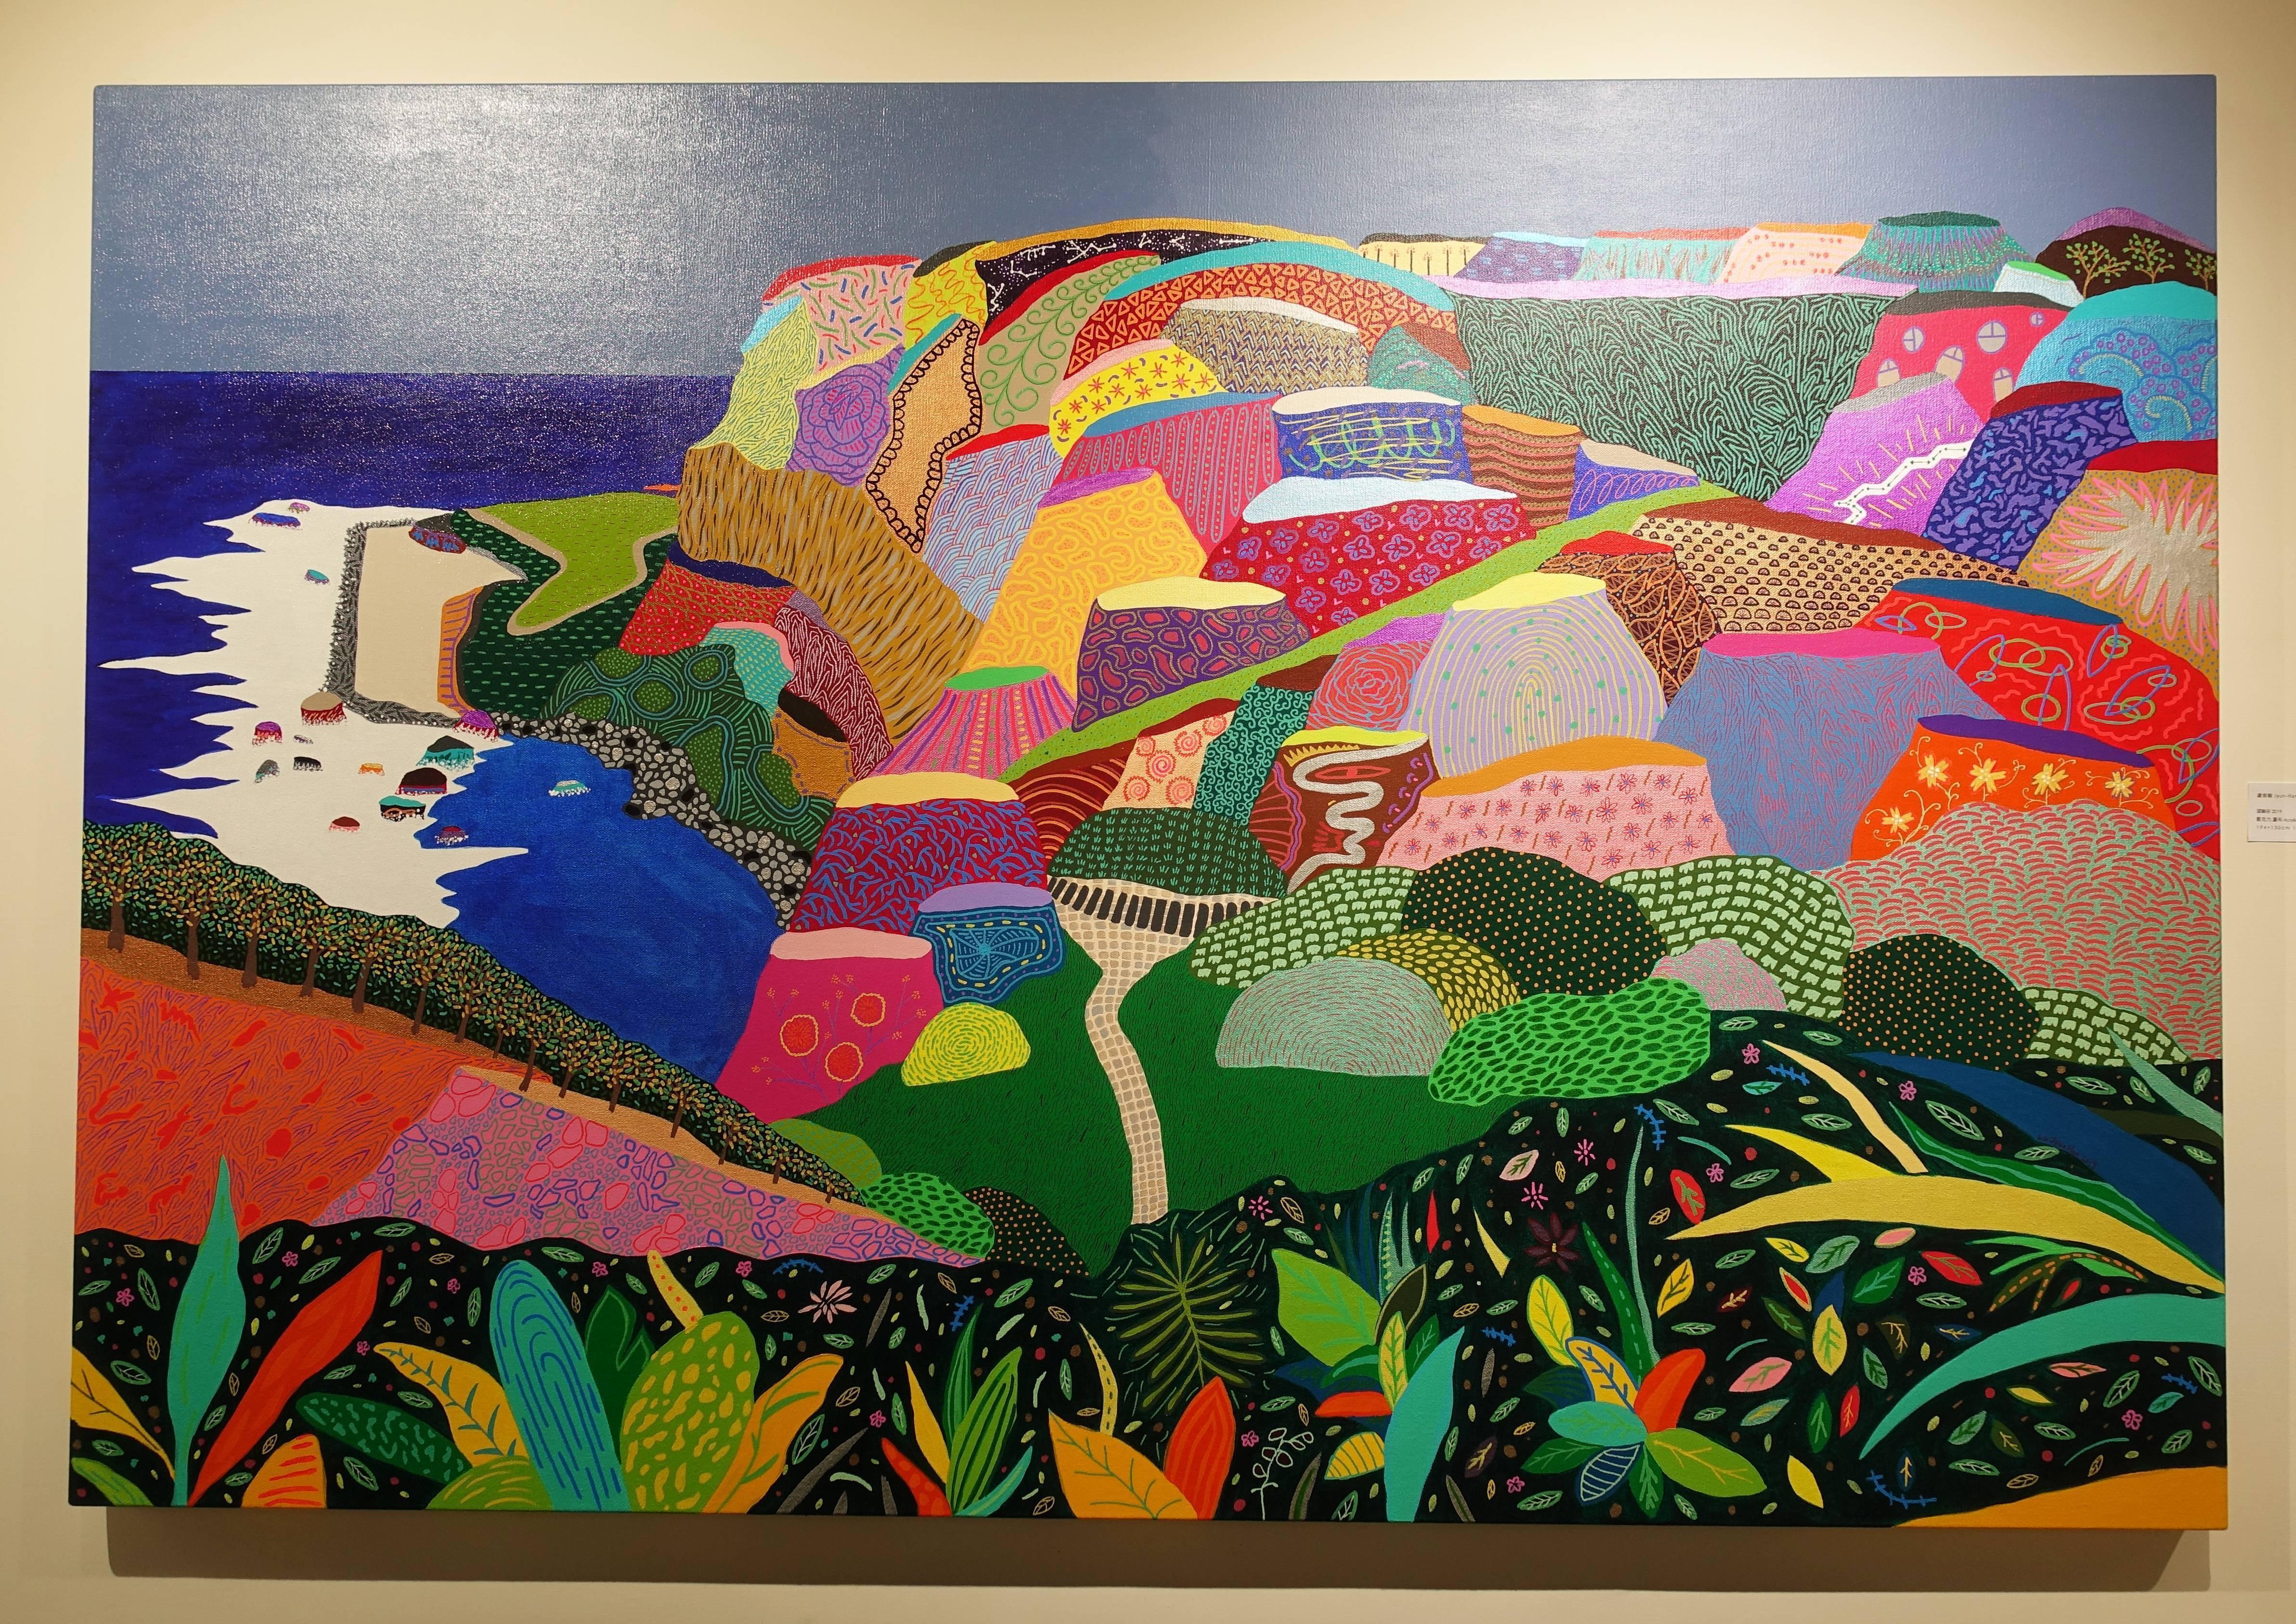 盧俊翰,《望幽谷》,194 x 130 cm,壓克力,2019。